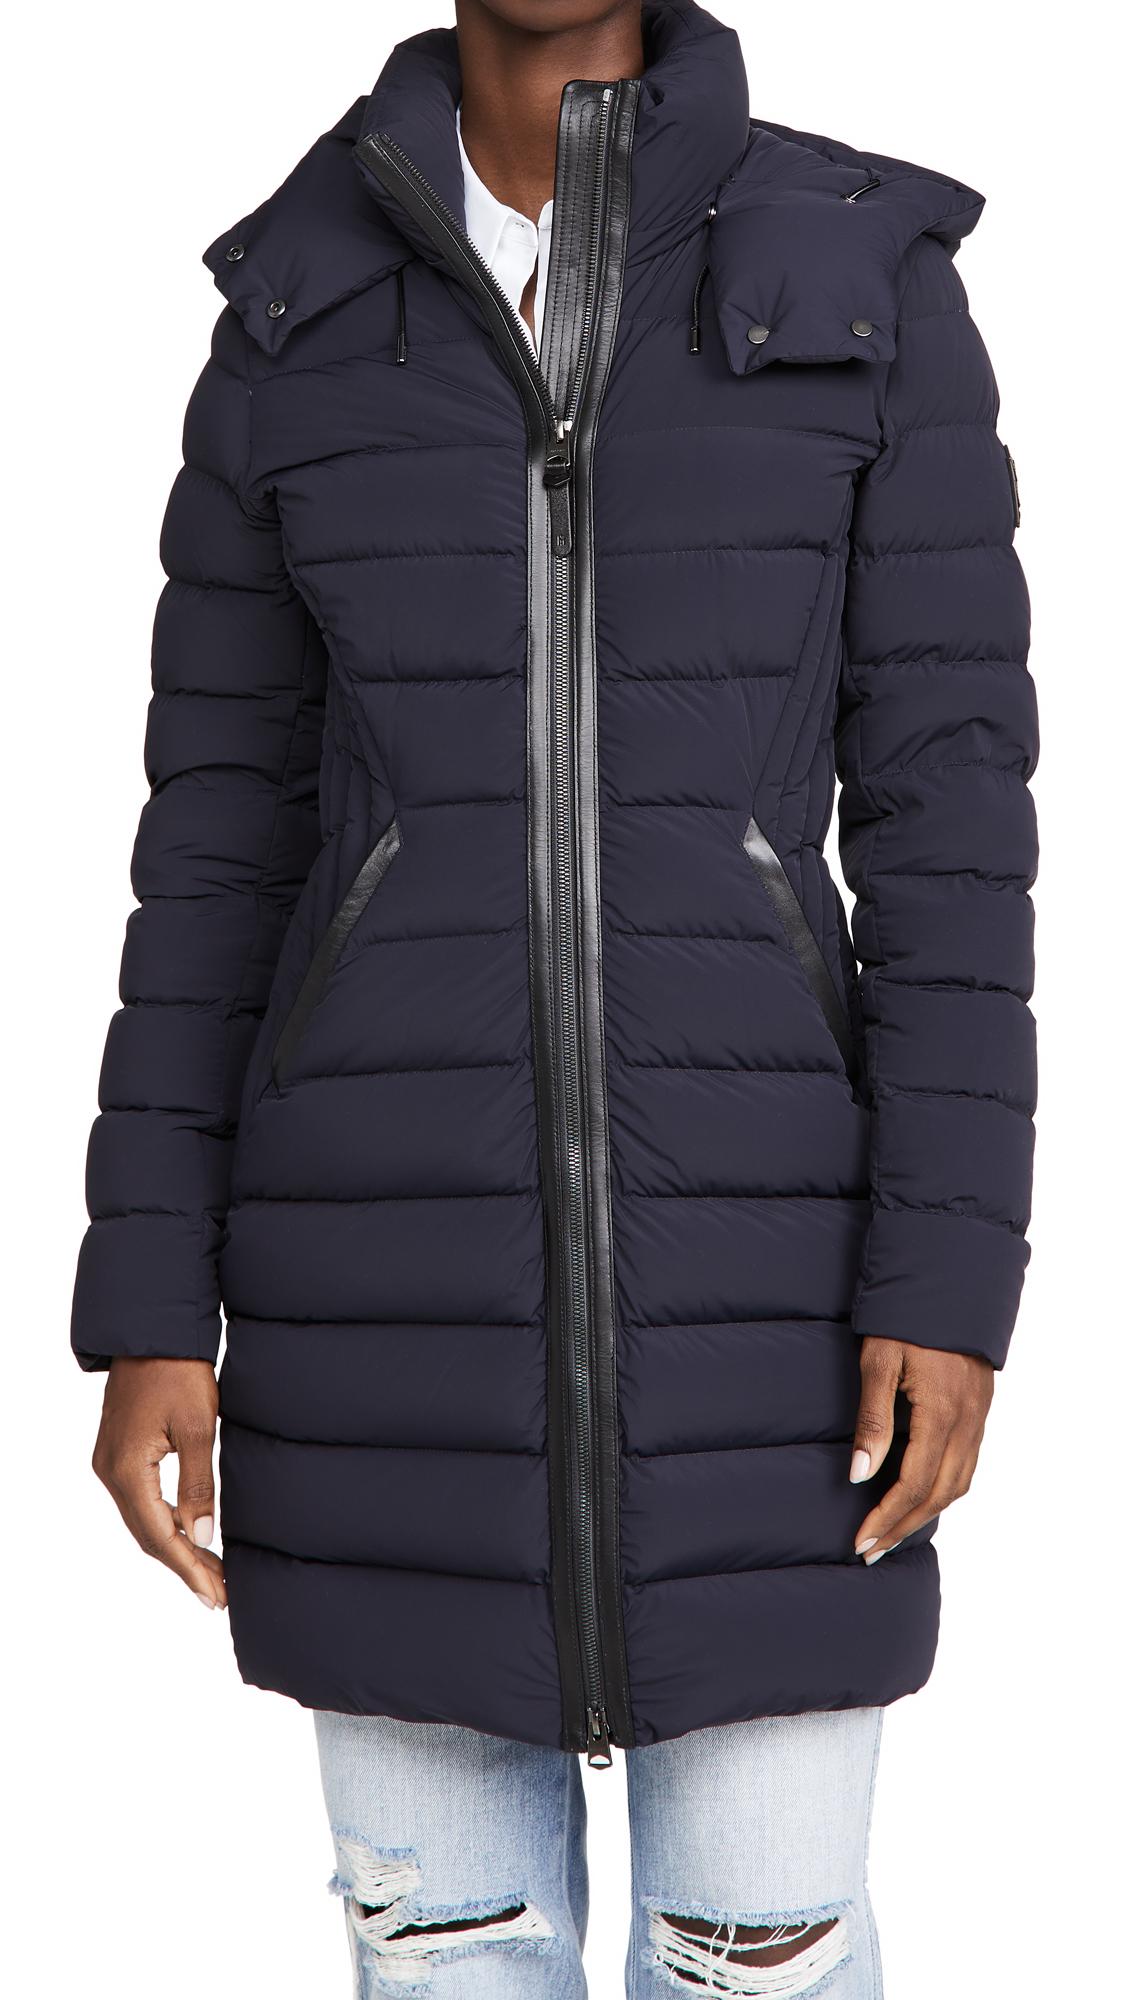 Mackage Farren Jacket